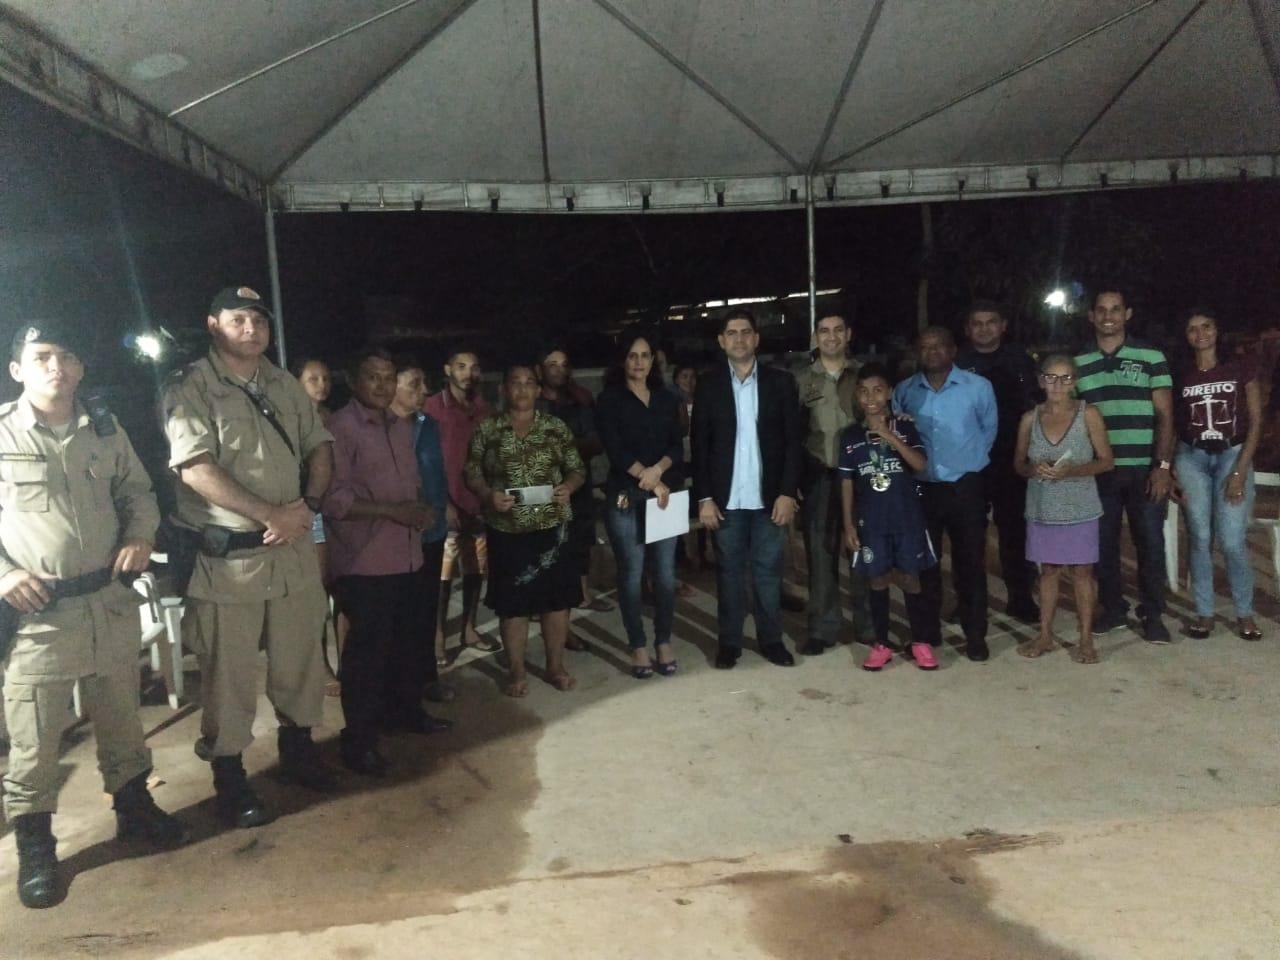 Núcleo de Polícia Comunitária participa de reunião para debater questões de segurança em comunidade da Capital